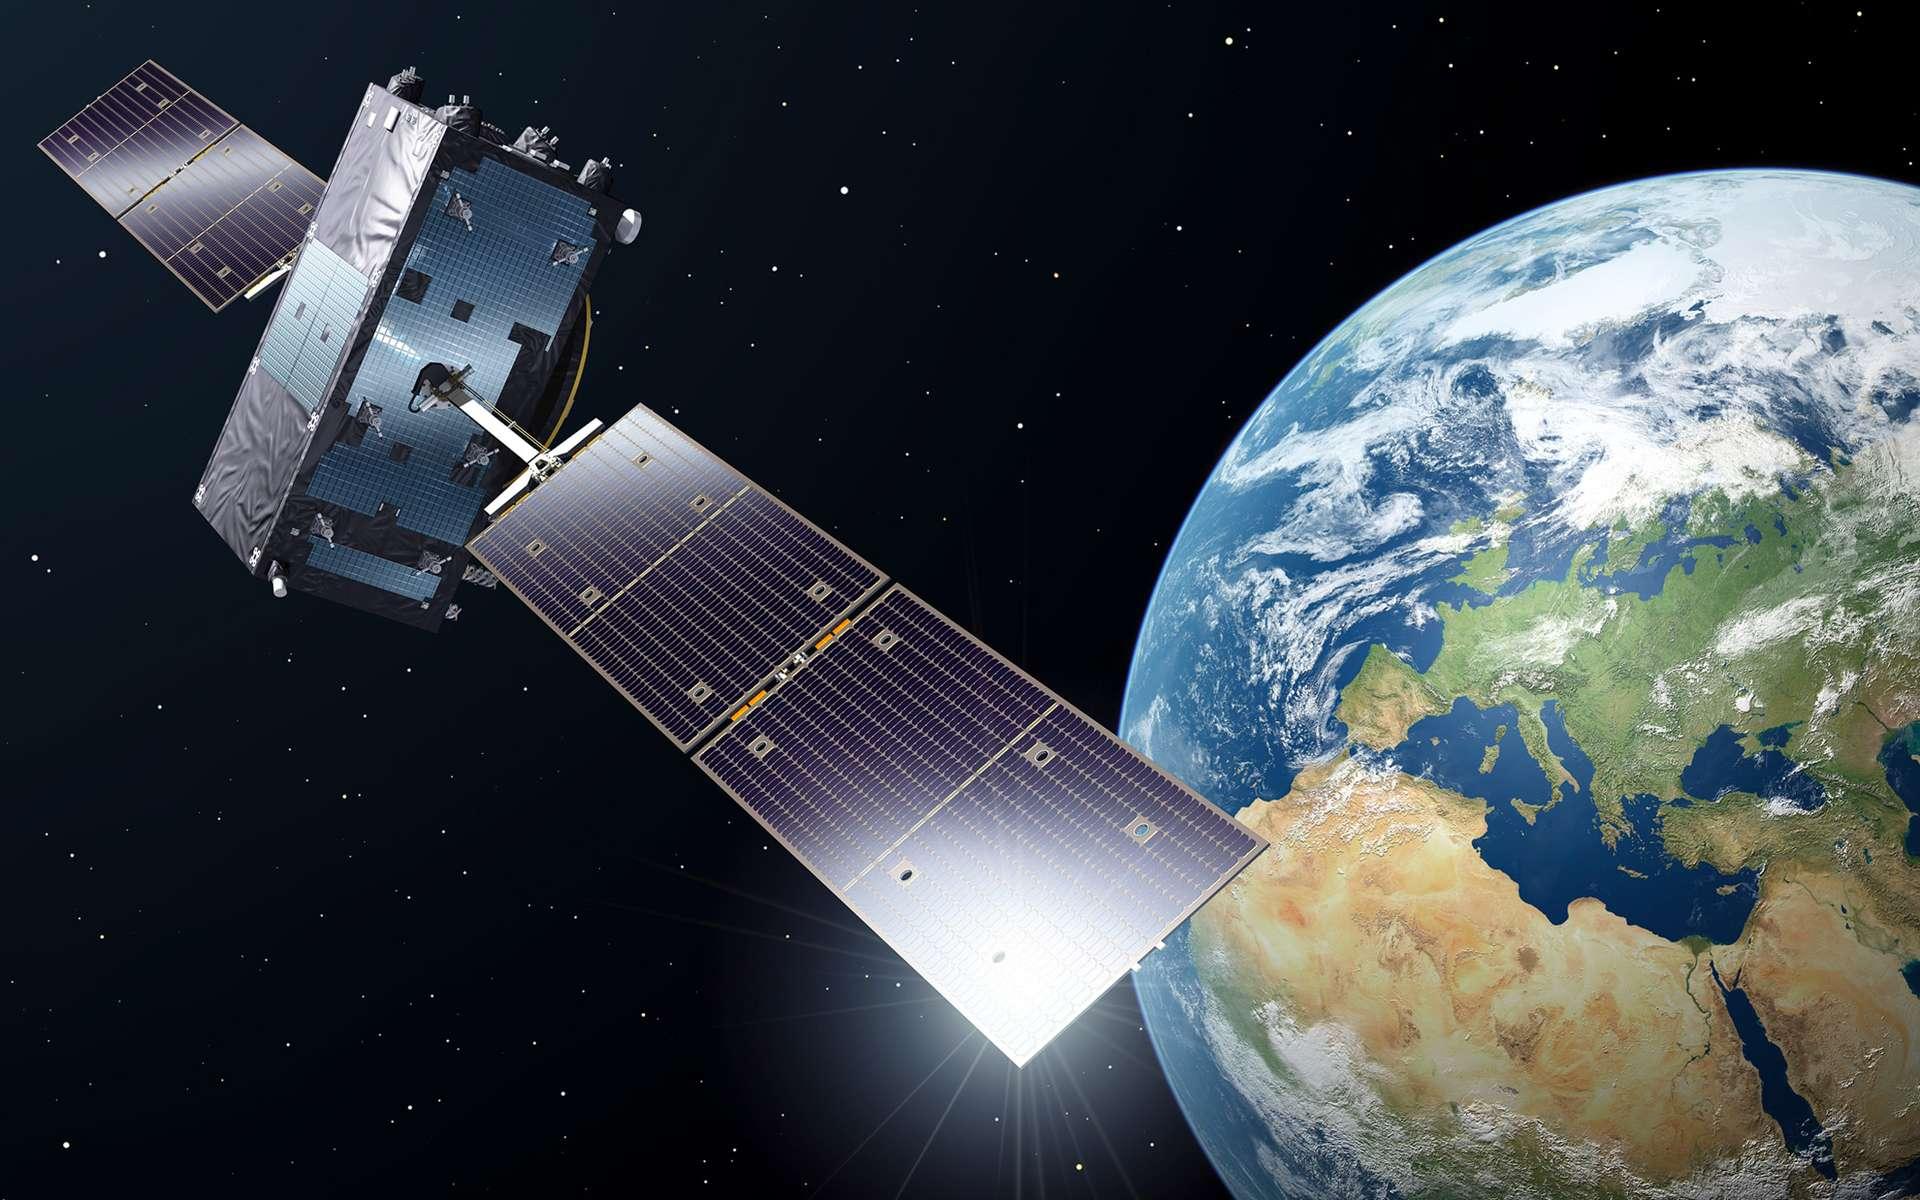 À ce jour, 22 satellites Galileo ont été déployés. Ils offrent des services initiaux depuis le 15 décembre 2016 et sont aujourd'hui utilisés par plus de 100 millions de terminaux commerciaux. Le 25 juillet, Arianespace en lancera quatre de plus. © ESA, P. Caril